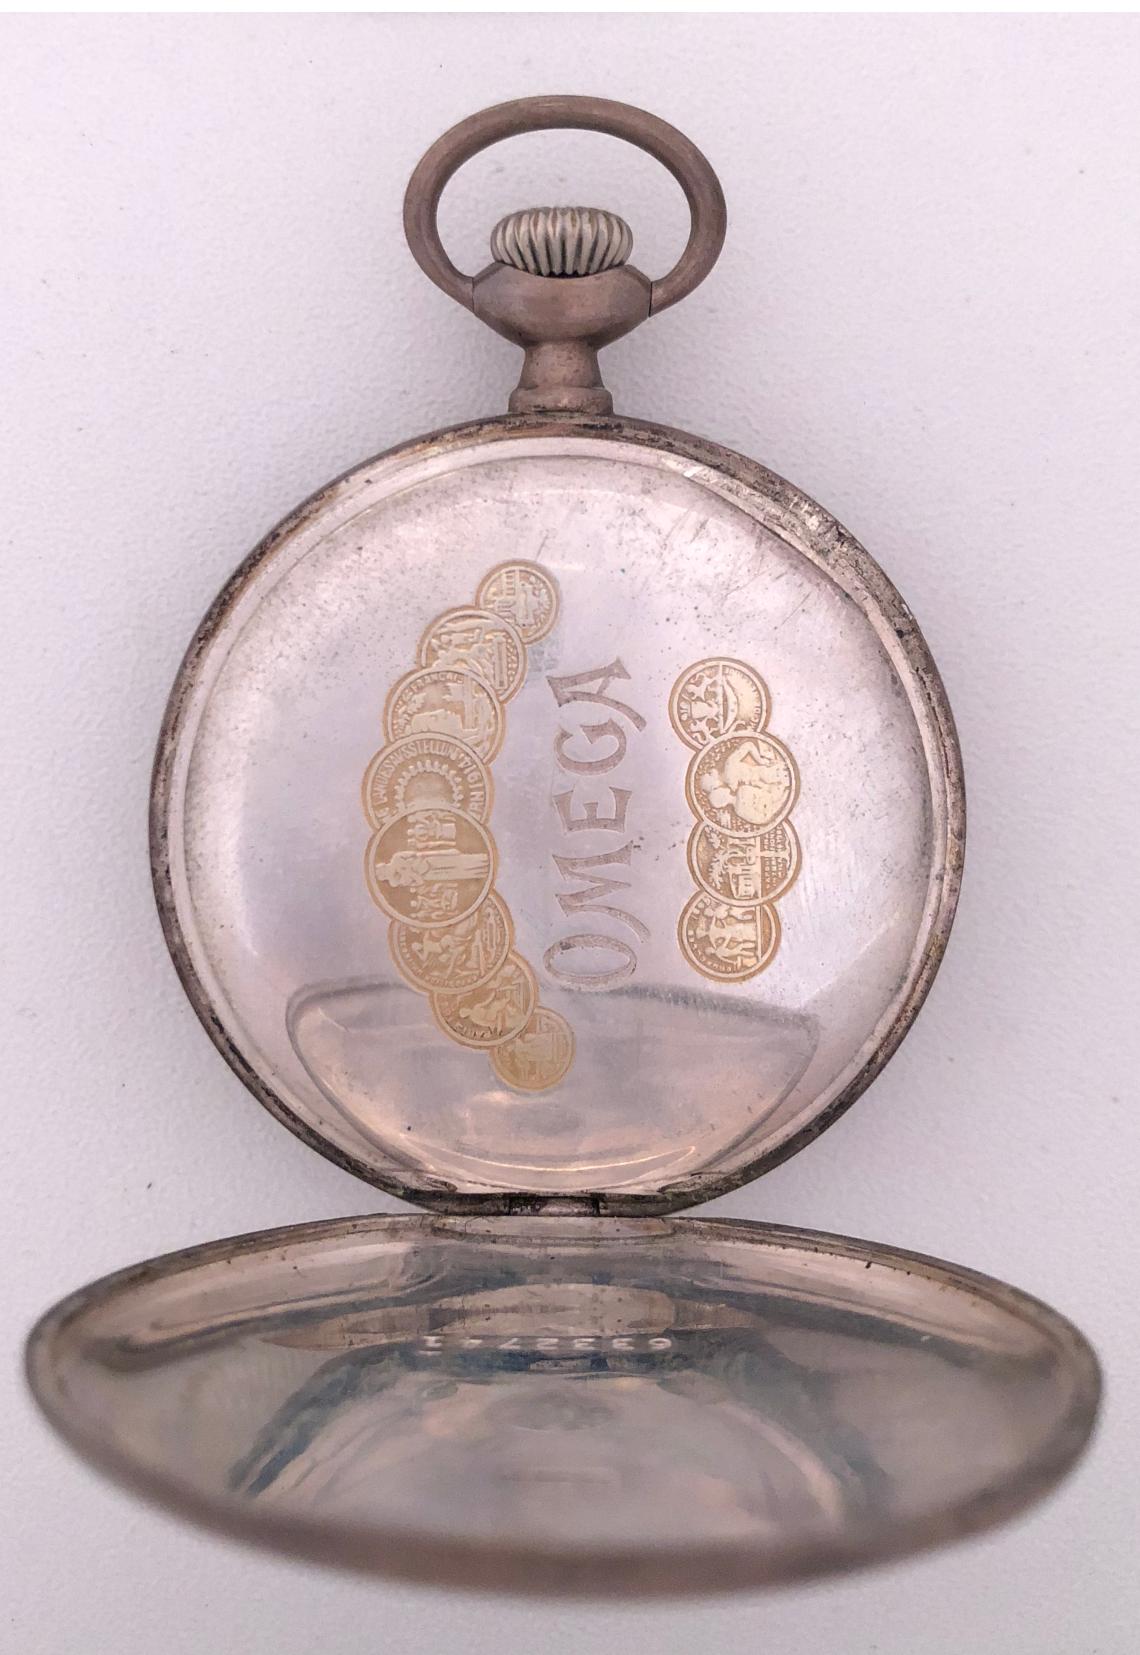 82e9501e7 Reloj lepine en plata de ley de los maestros relojeros de la OMEGA ...